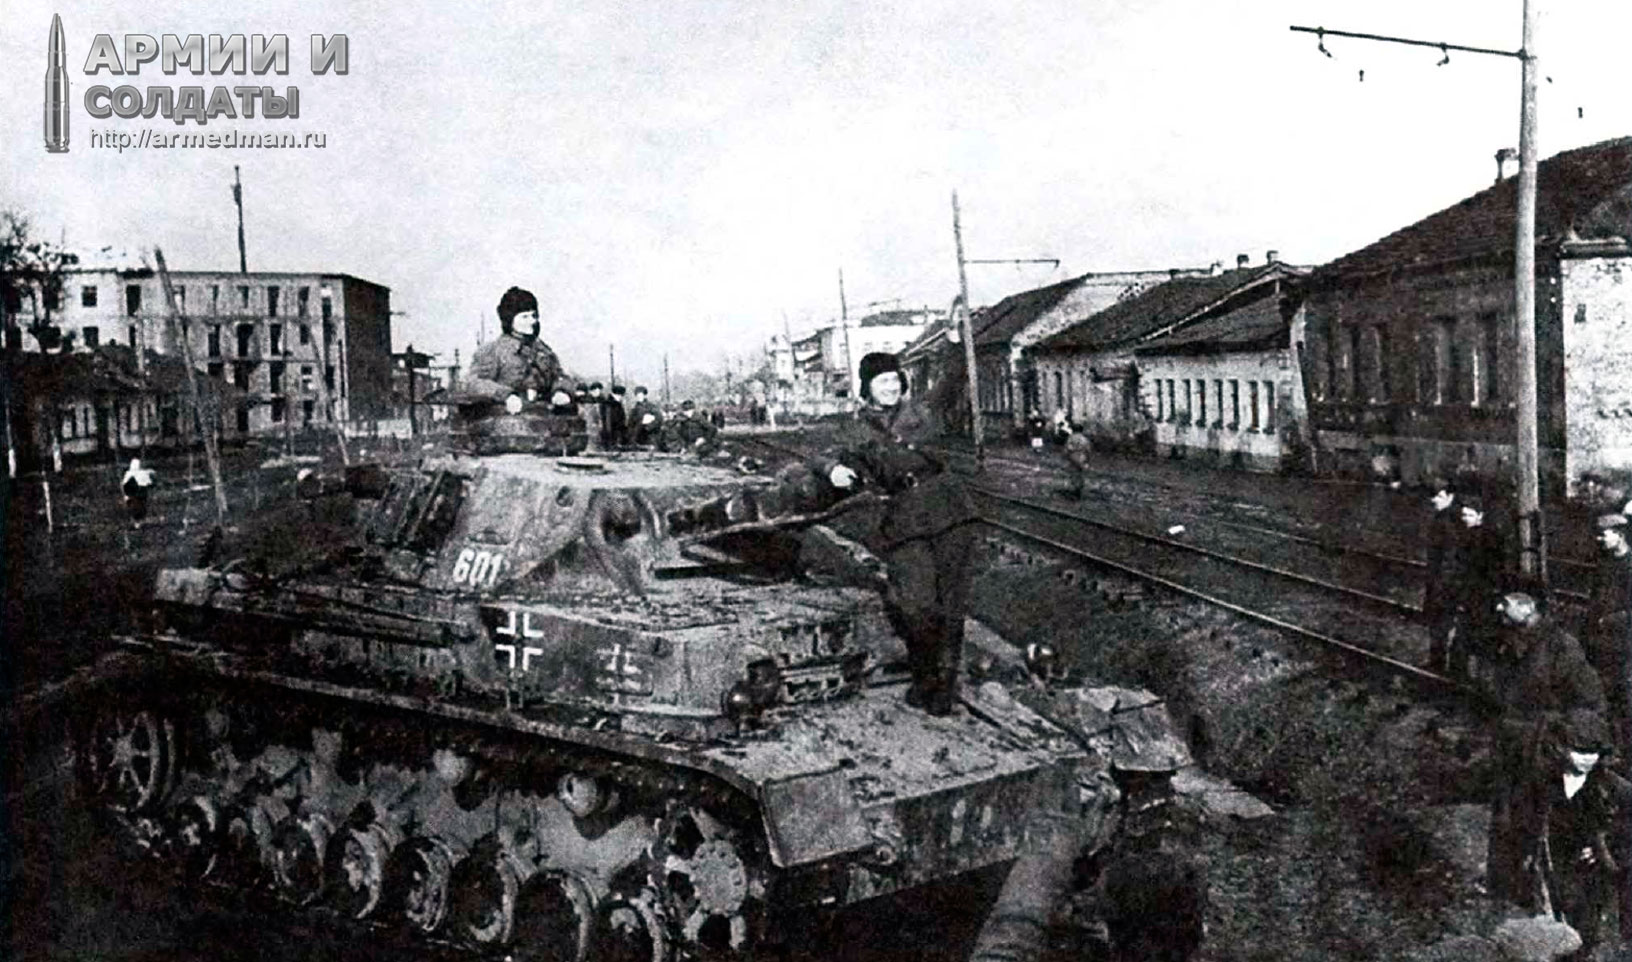 трофейный-Pz-IV-aust-f1,-владикавказ-1942